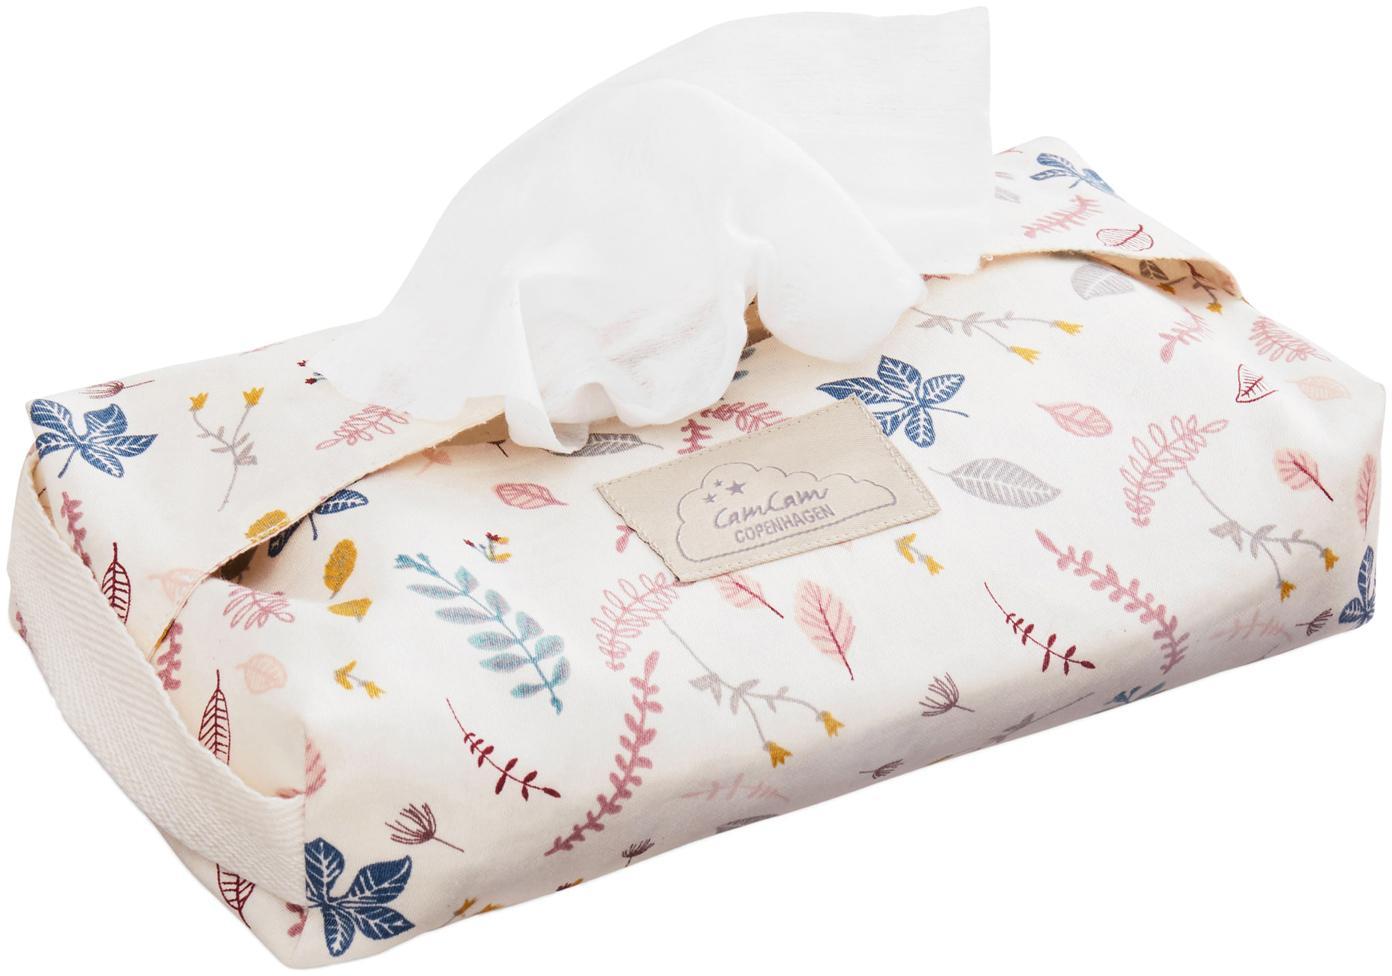 Porta salviettine in cotone organico Pressed Leaves, Cotone organico, certificato GOTS, Crema, rosa, blu, grigio, giallo, Larg. 25 x Prof. 17 cm